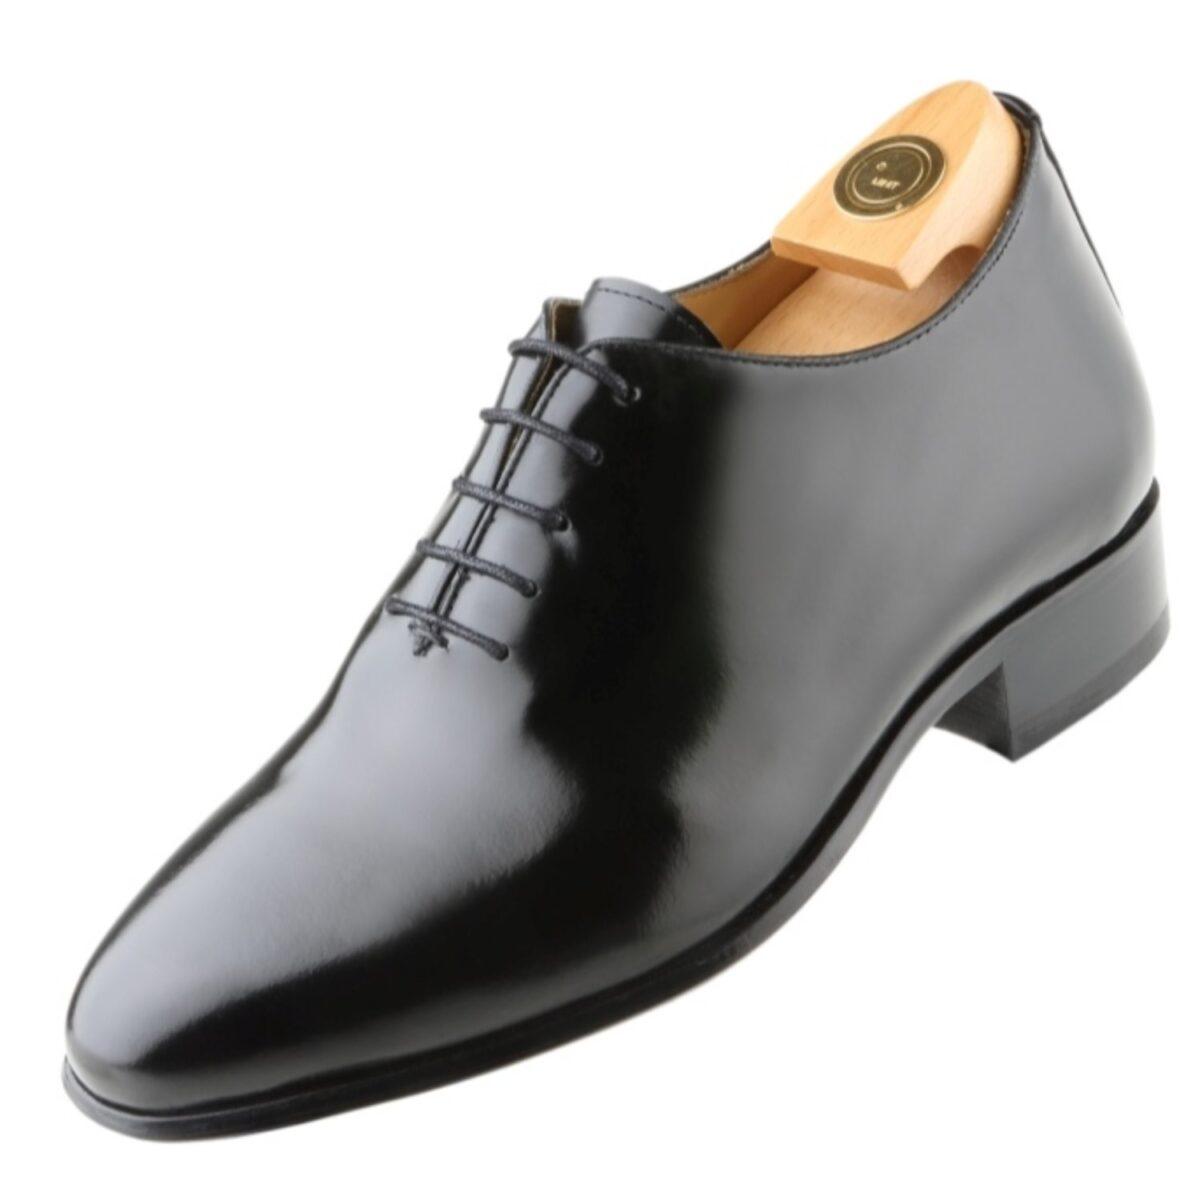 Zapatos con Alzas modelo 7000 N - HiPlus